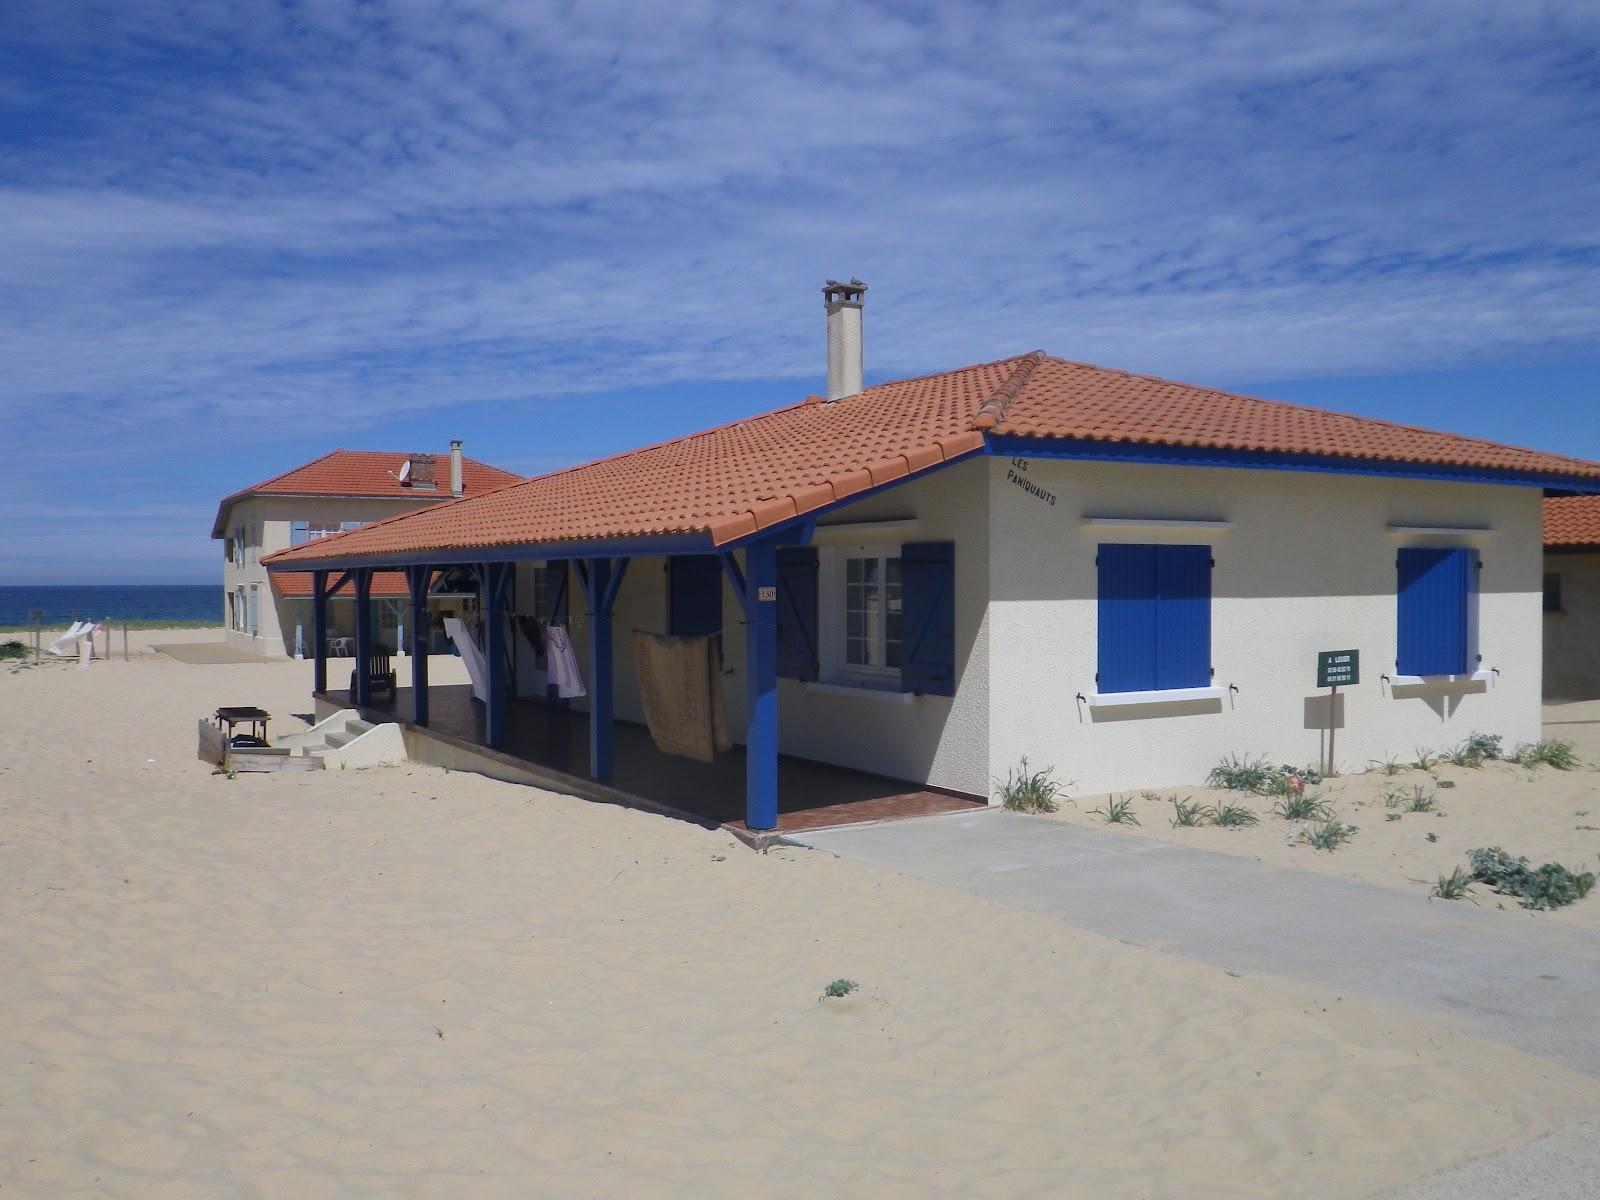 Construire une maison pour votre famille petite maison a louer dans les landes - Louer une partie de sa maison ...